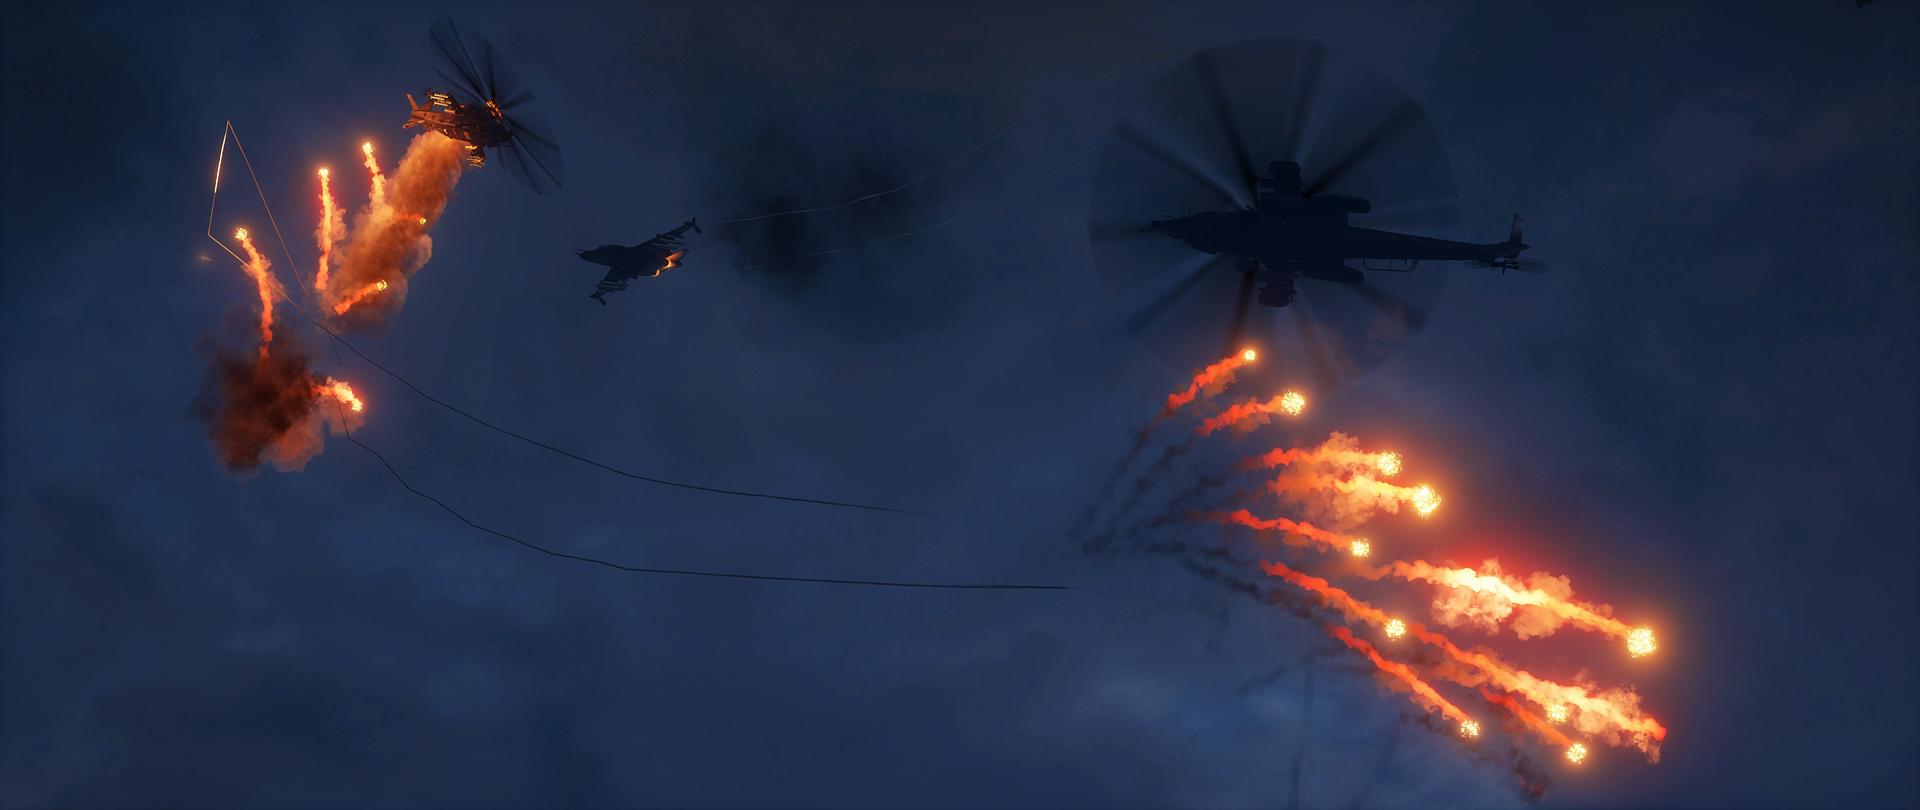 Ukázky z nočních multiplayerových bitev v Battlefieldu 4 106914